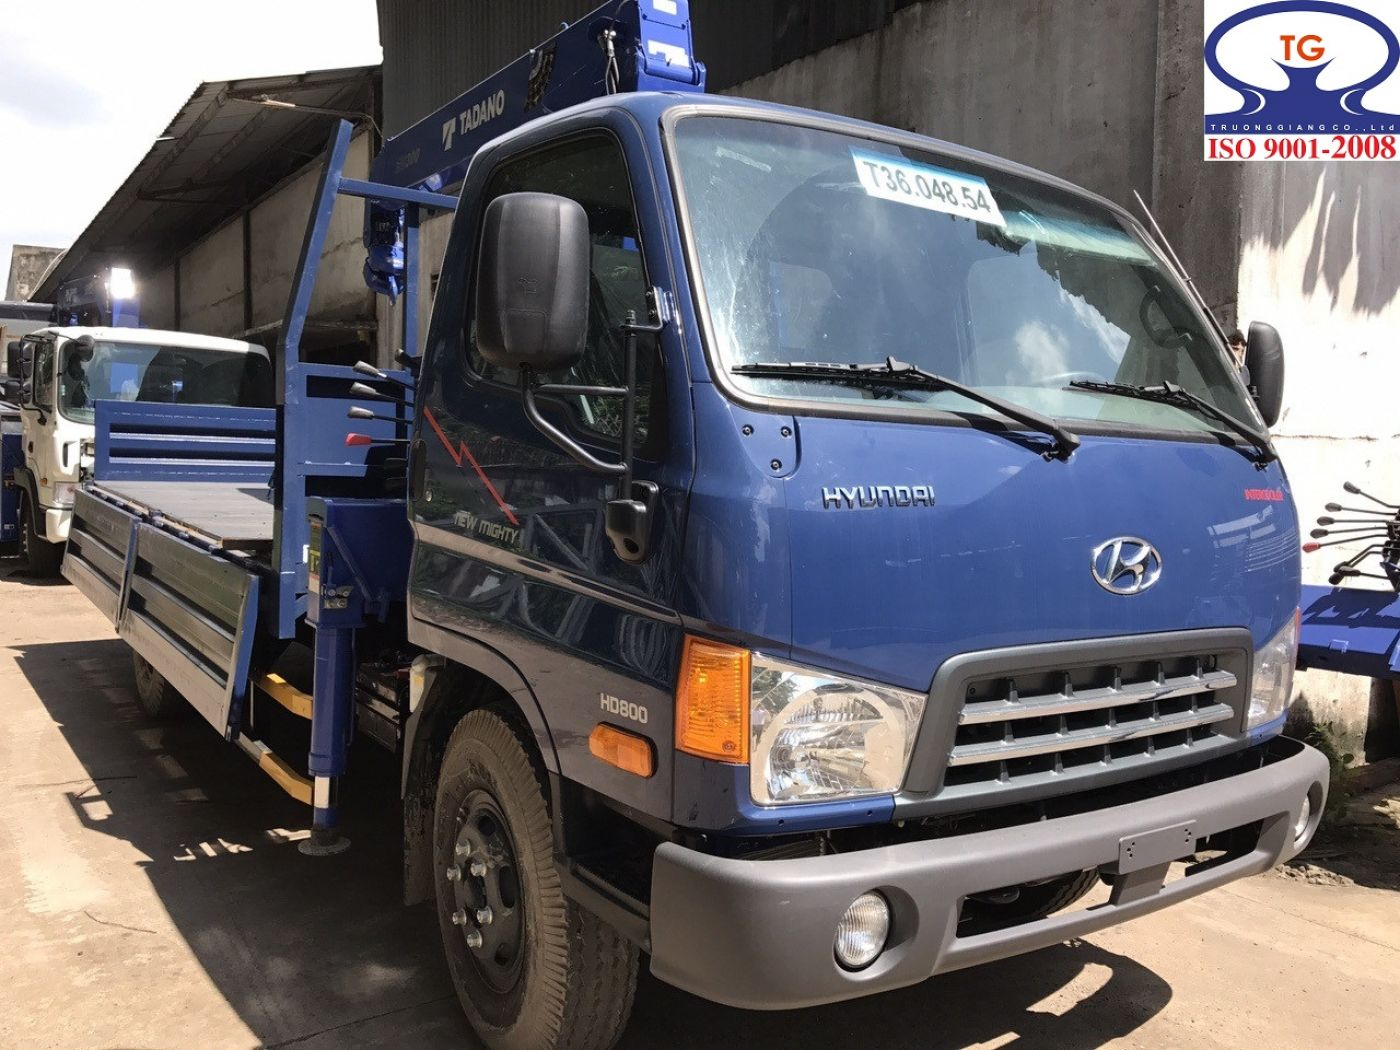 xe-cẩu-tự-hành-hd800